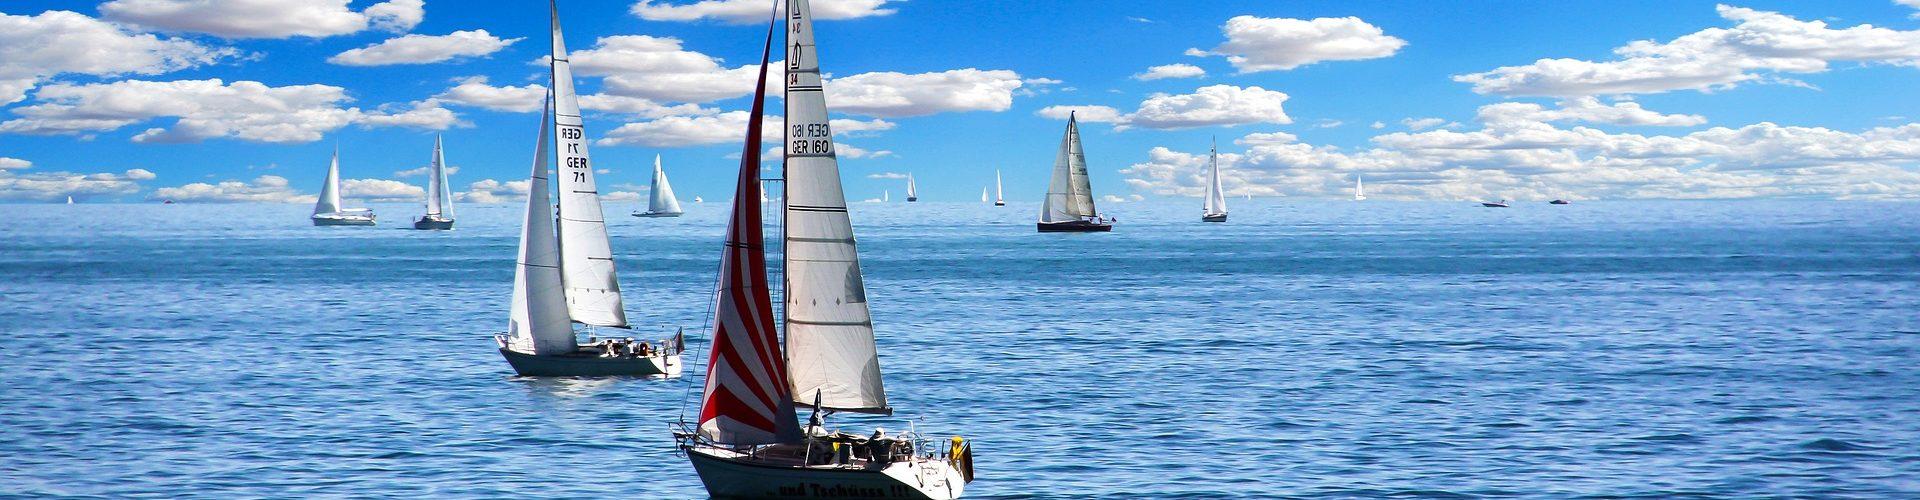 segeln lernen in Plochingen segelschein machen in Plochingen 1920x500 - Segeln lernen in Plochingen